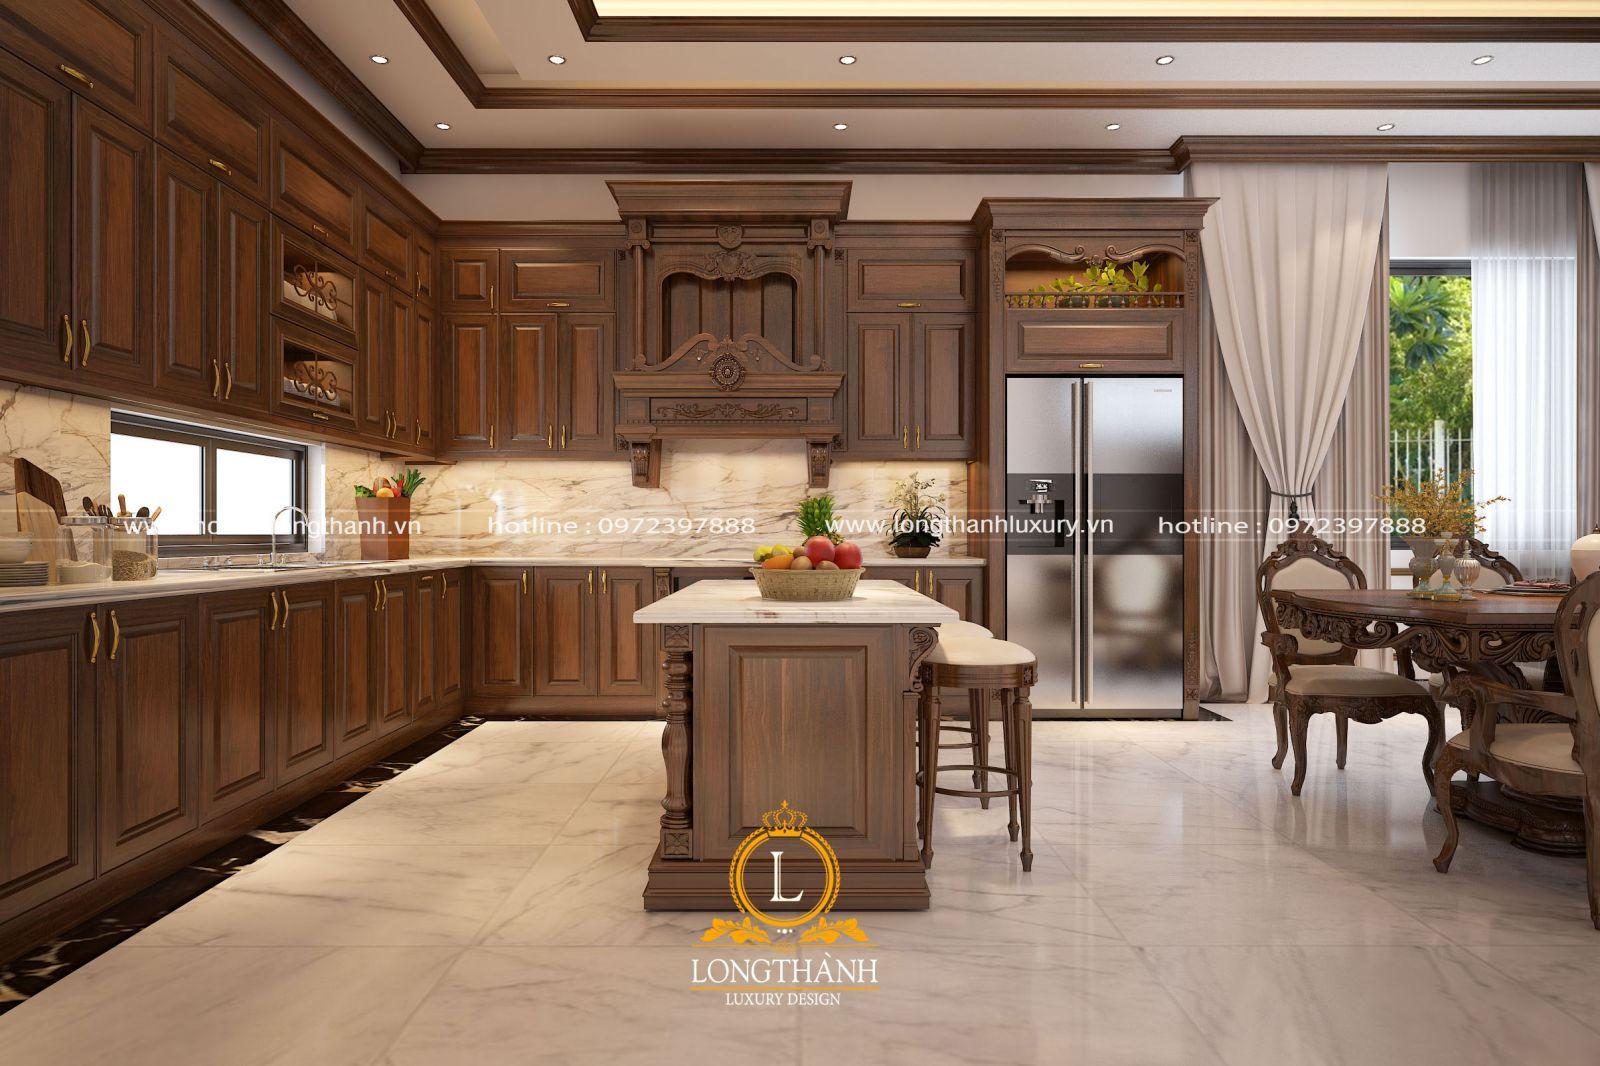 Bộ tủ bếp gỗ  gõ tự nhiên có tuổi thọ sử dụng rất cao